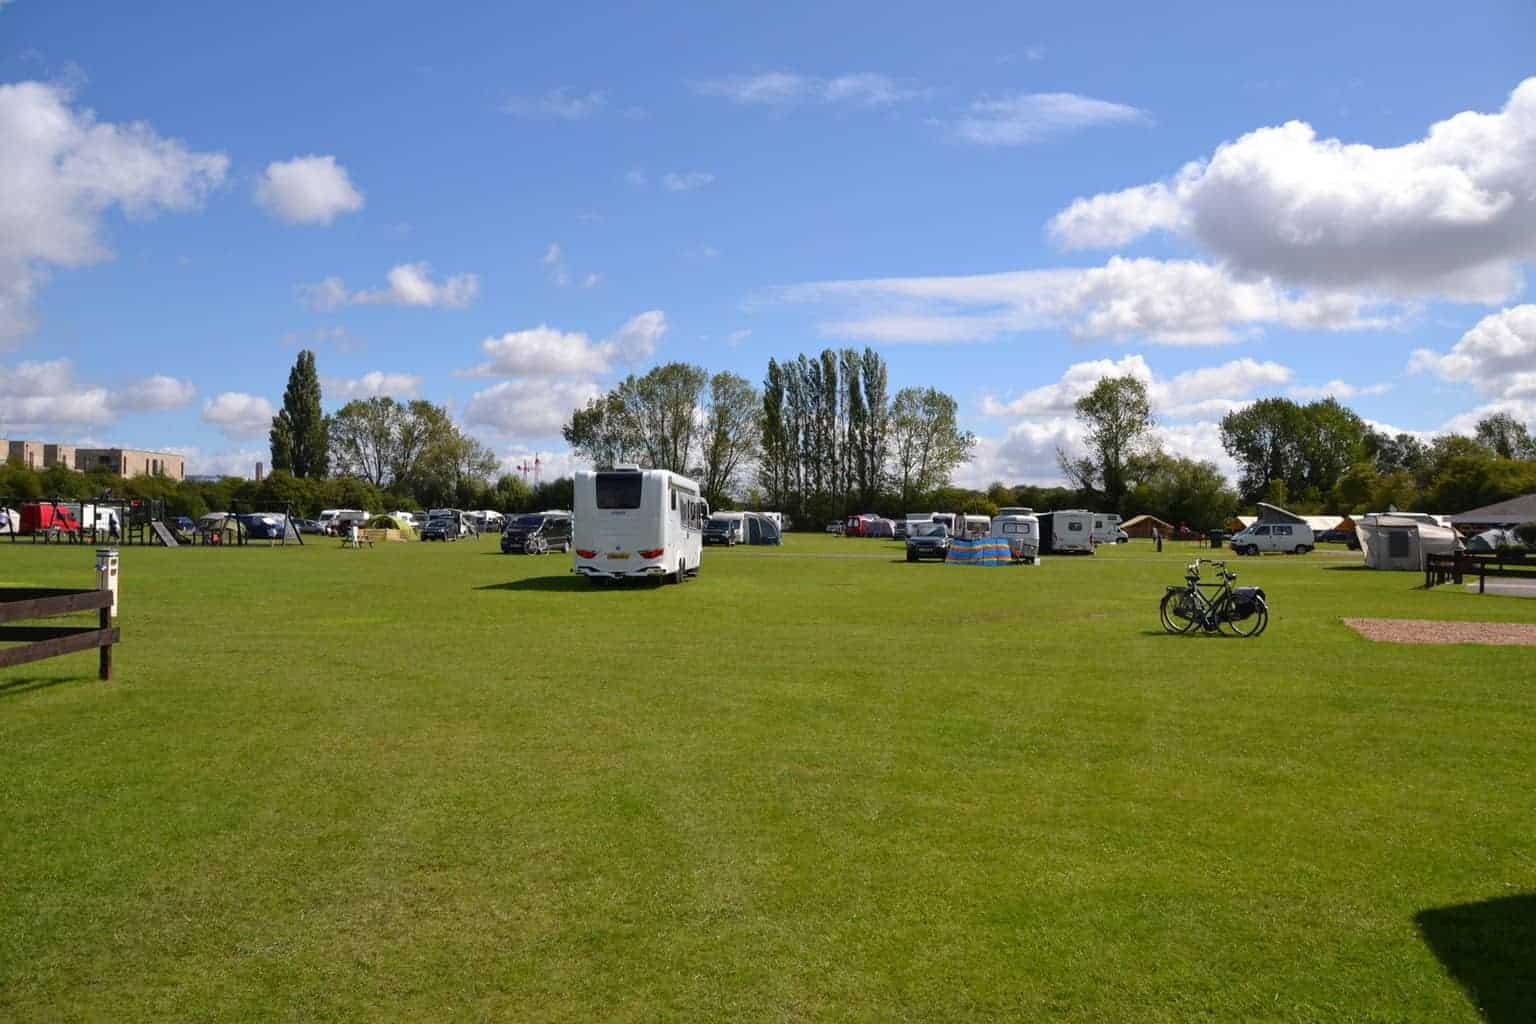 Cambridge Camping & Caravanning Club Site